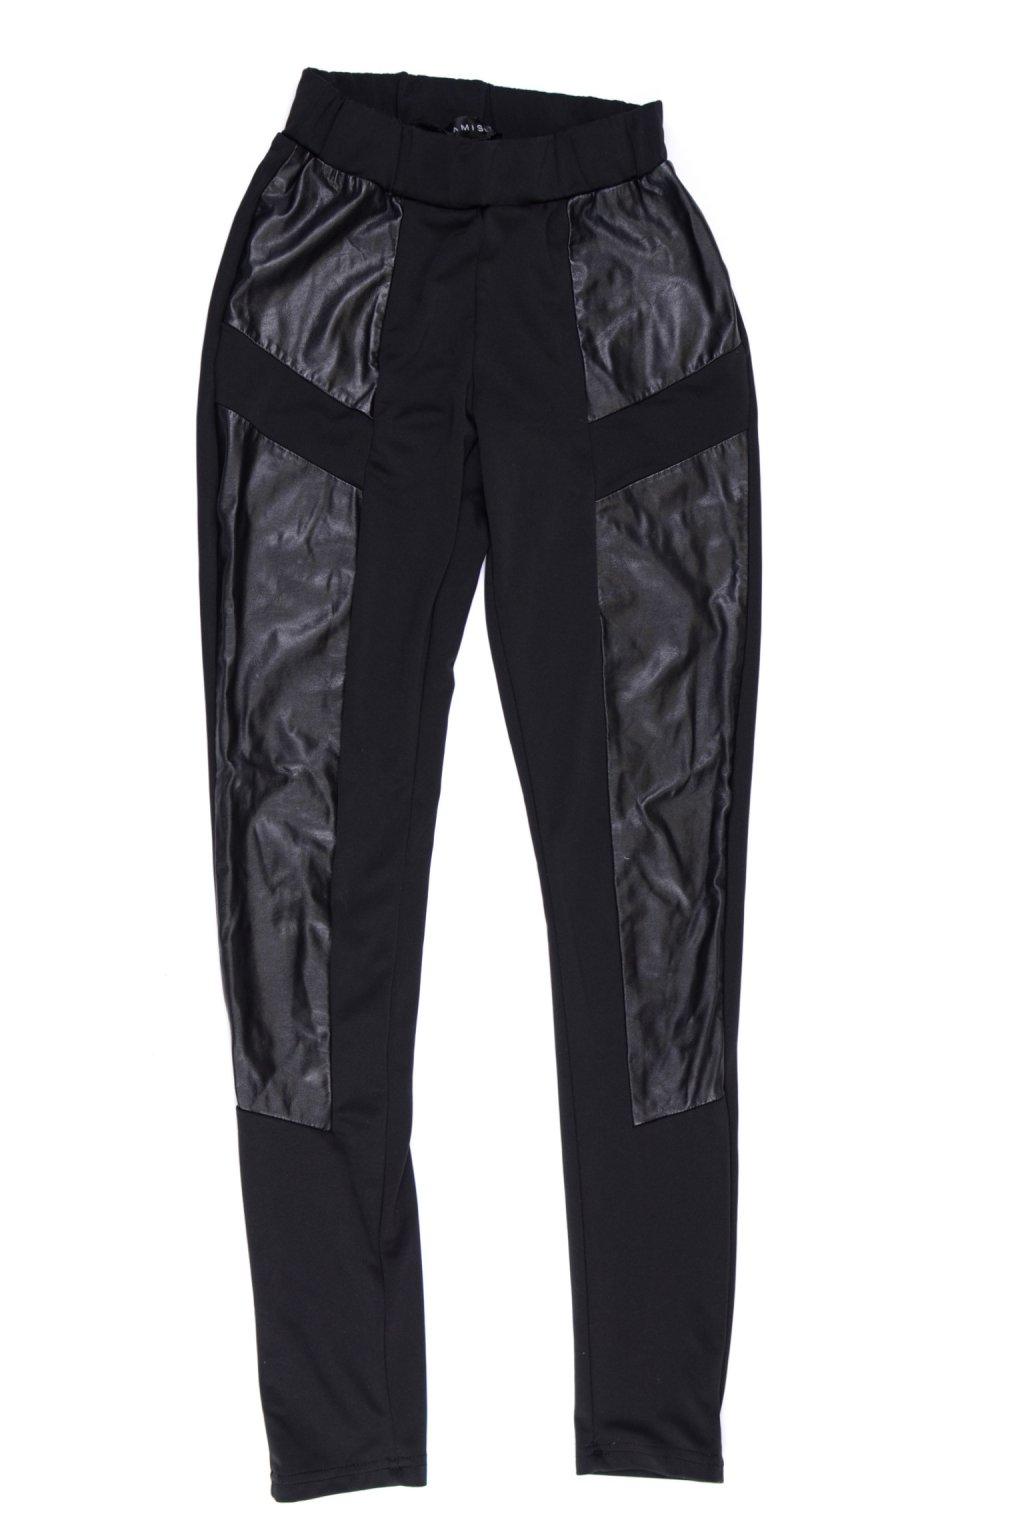 Kalhoty legíny Amisu 36 černé s imitací kůže